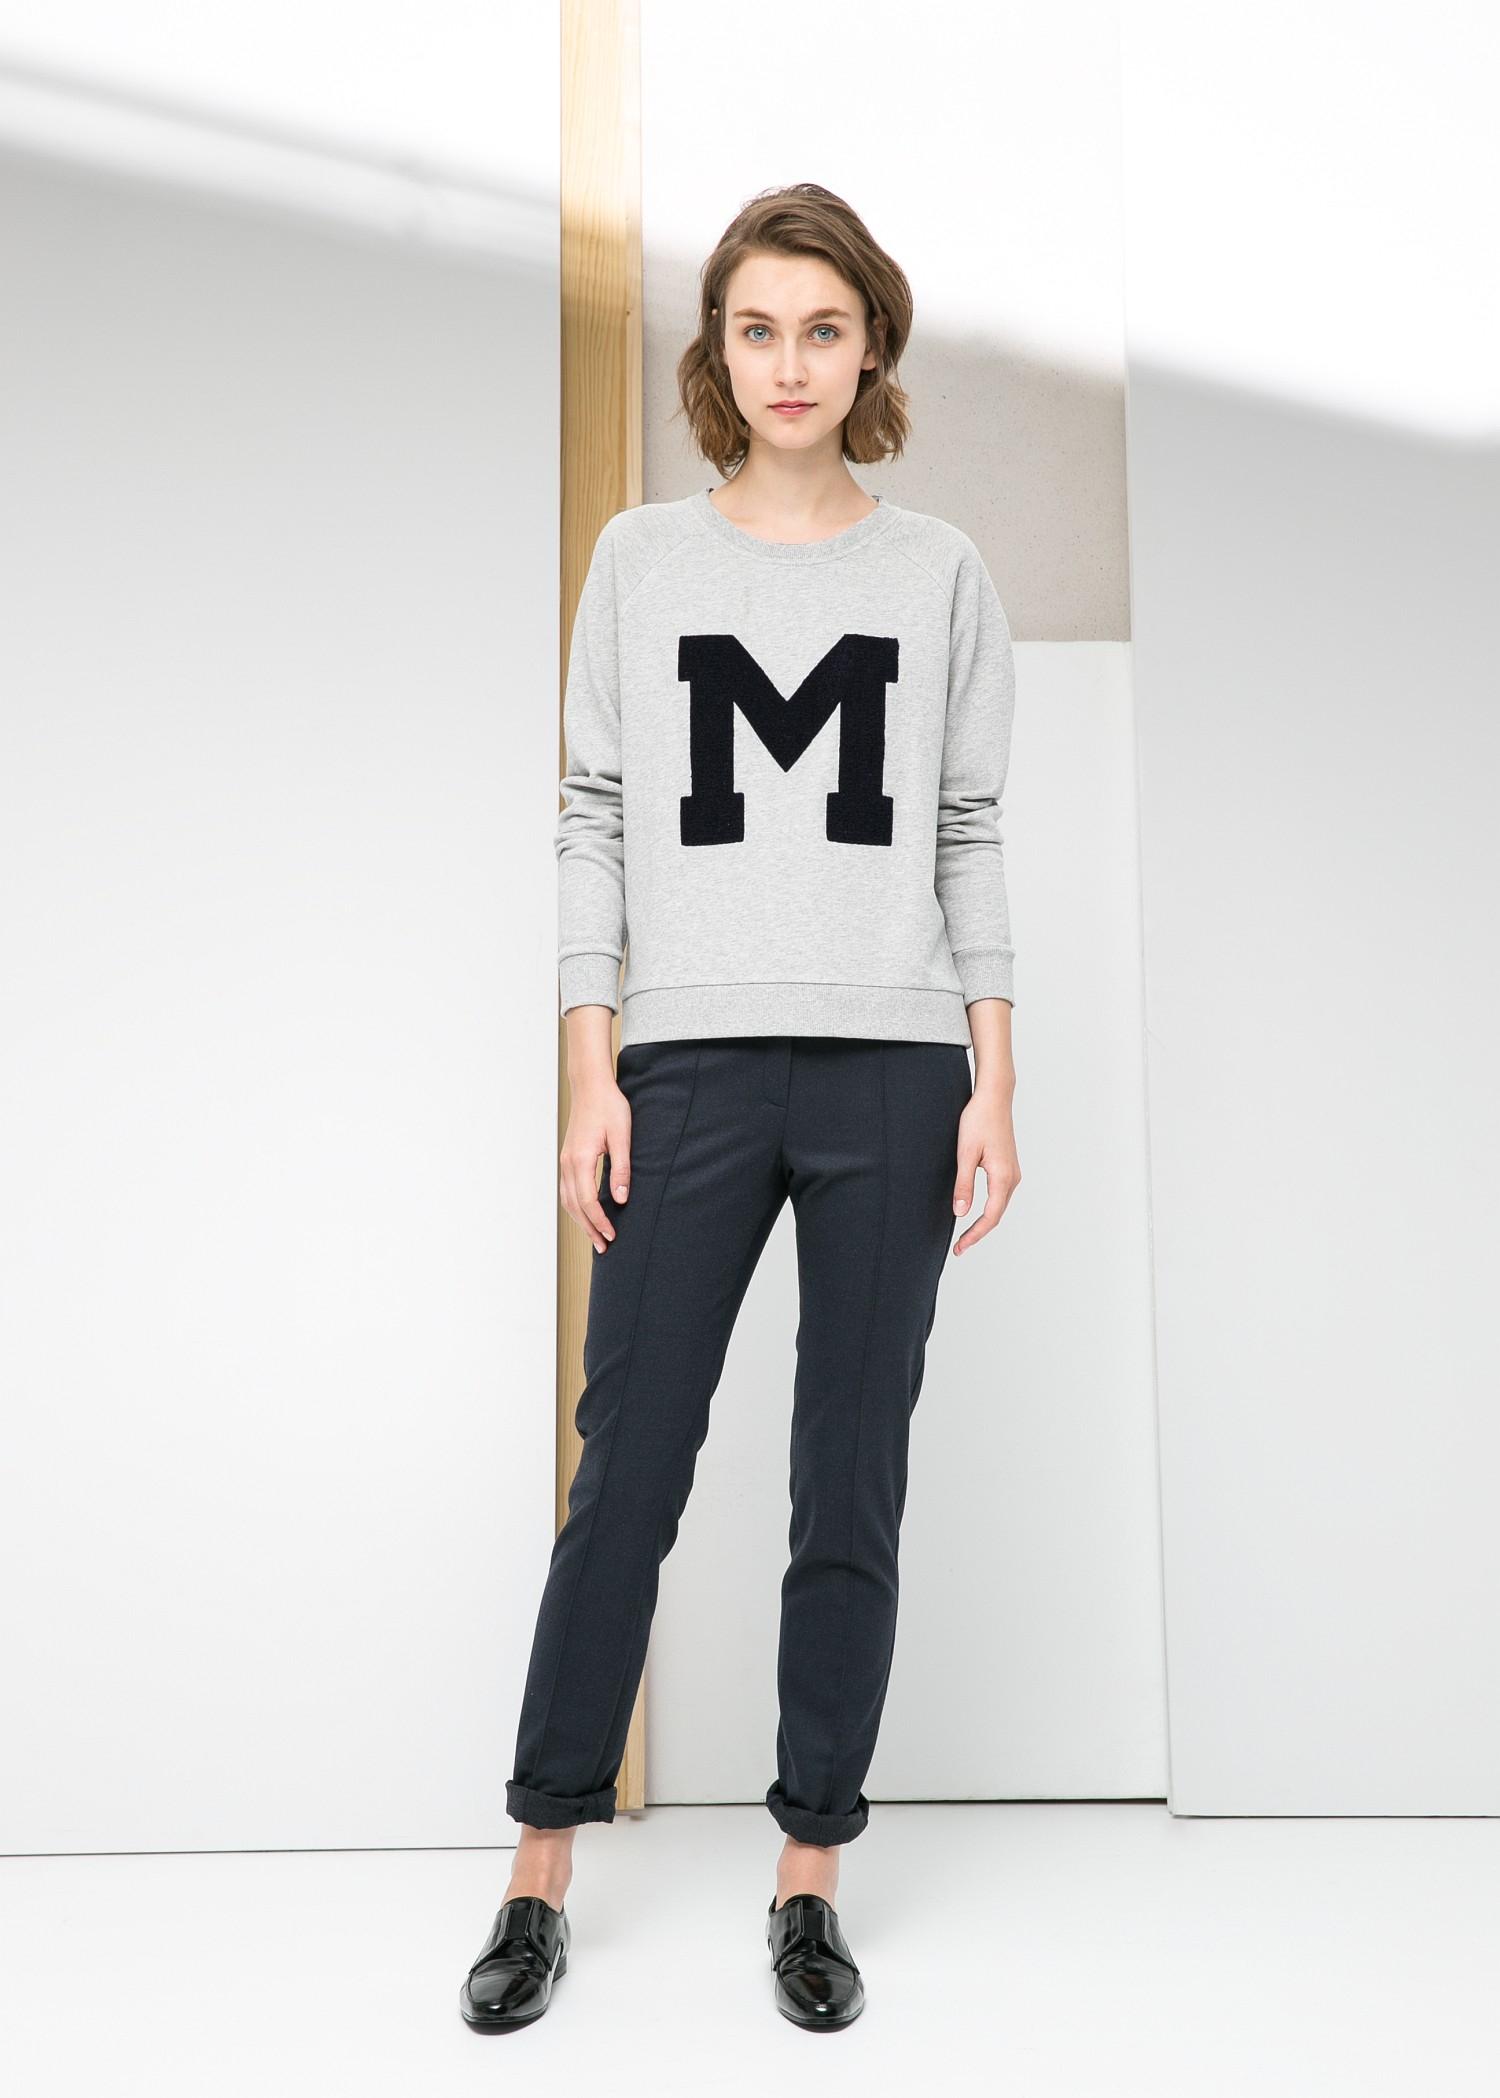 fcdc8c433 Lyst - Mango M Sweatshirt in Gray